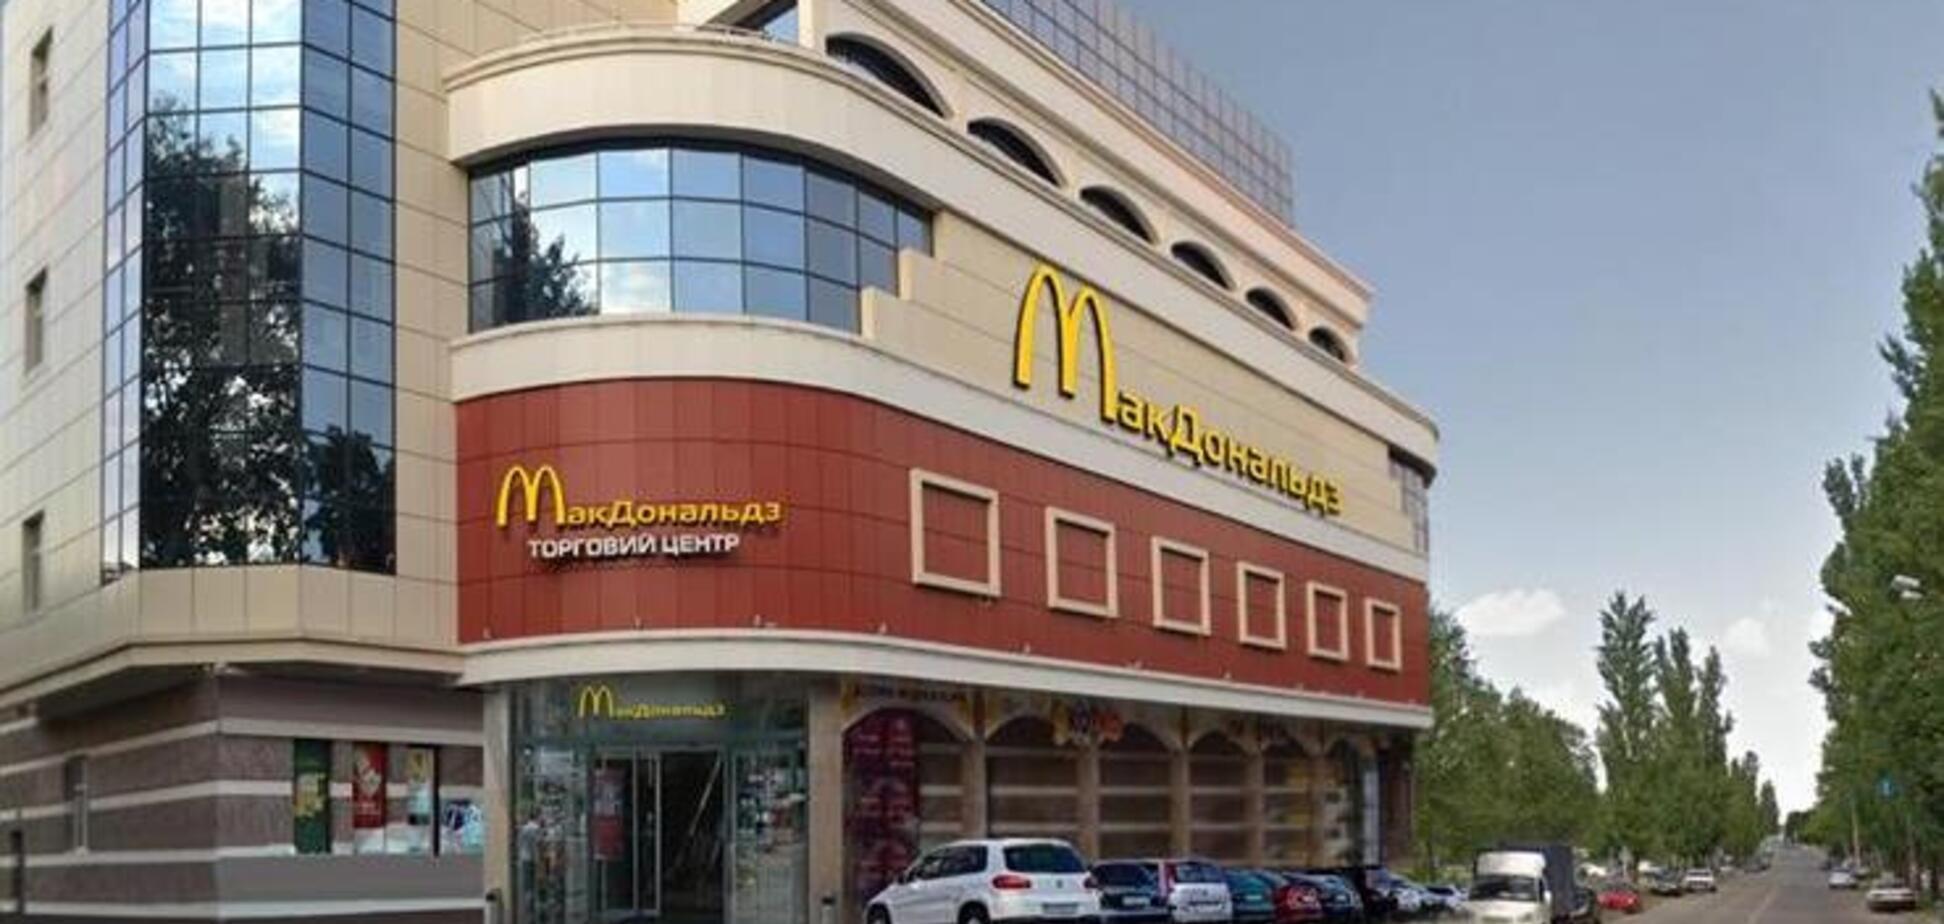 Суд запретил строить очередной McDonald's в Киеве